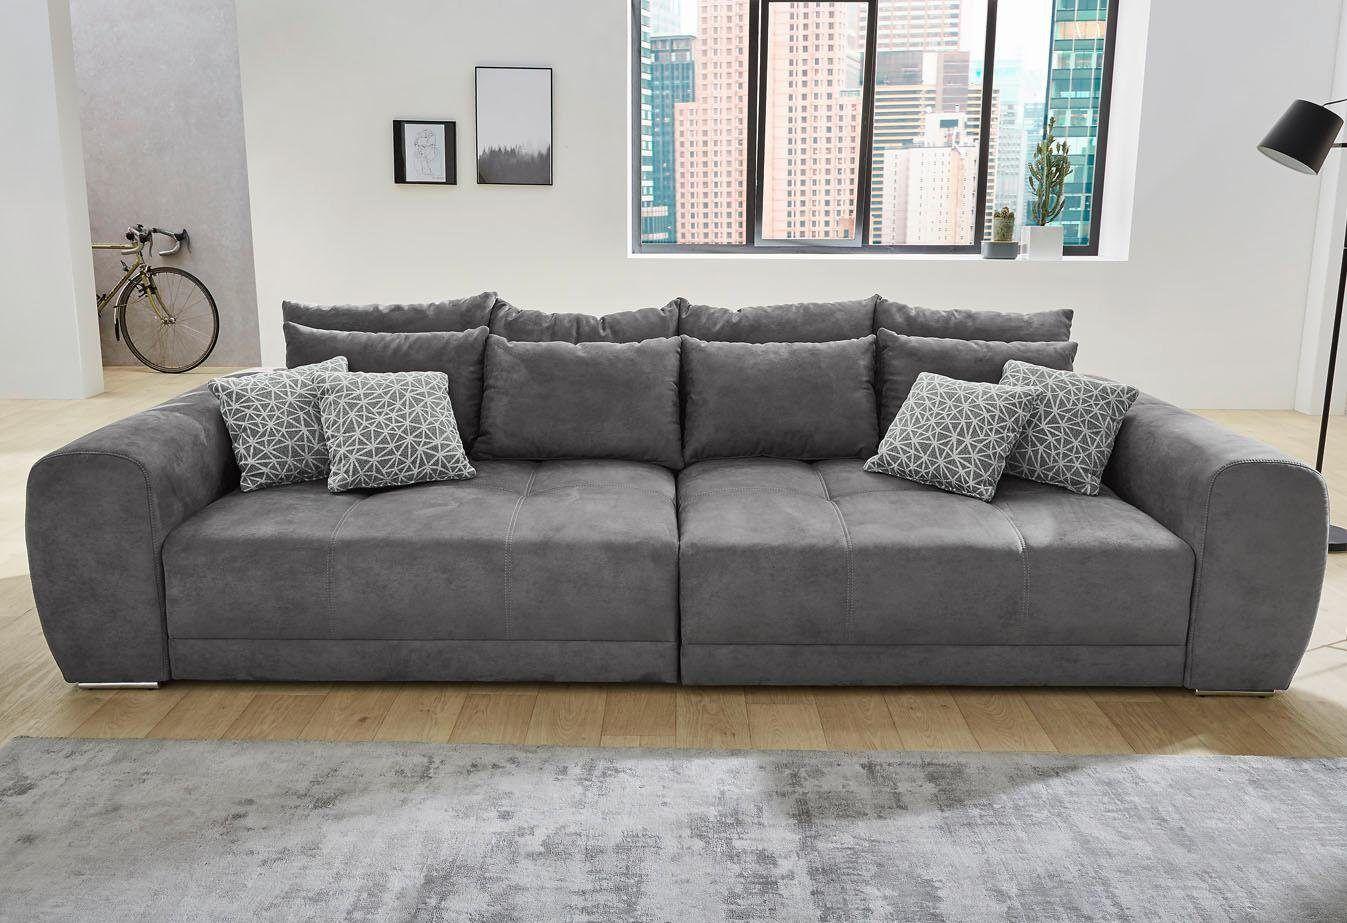 Big Sofas 3 Big Sofas Sofa Big Couch